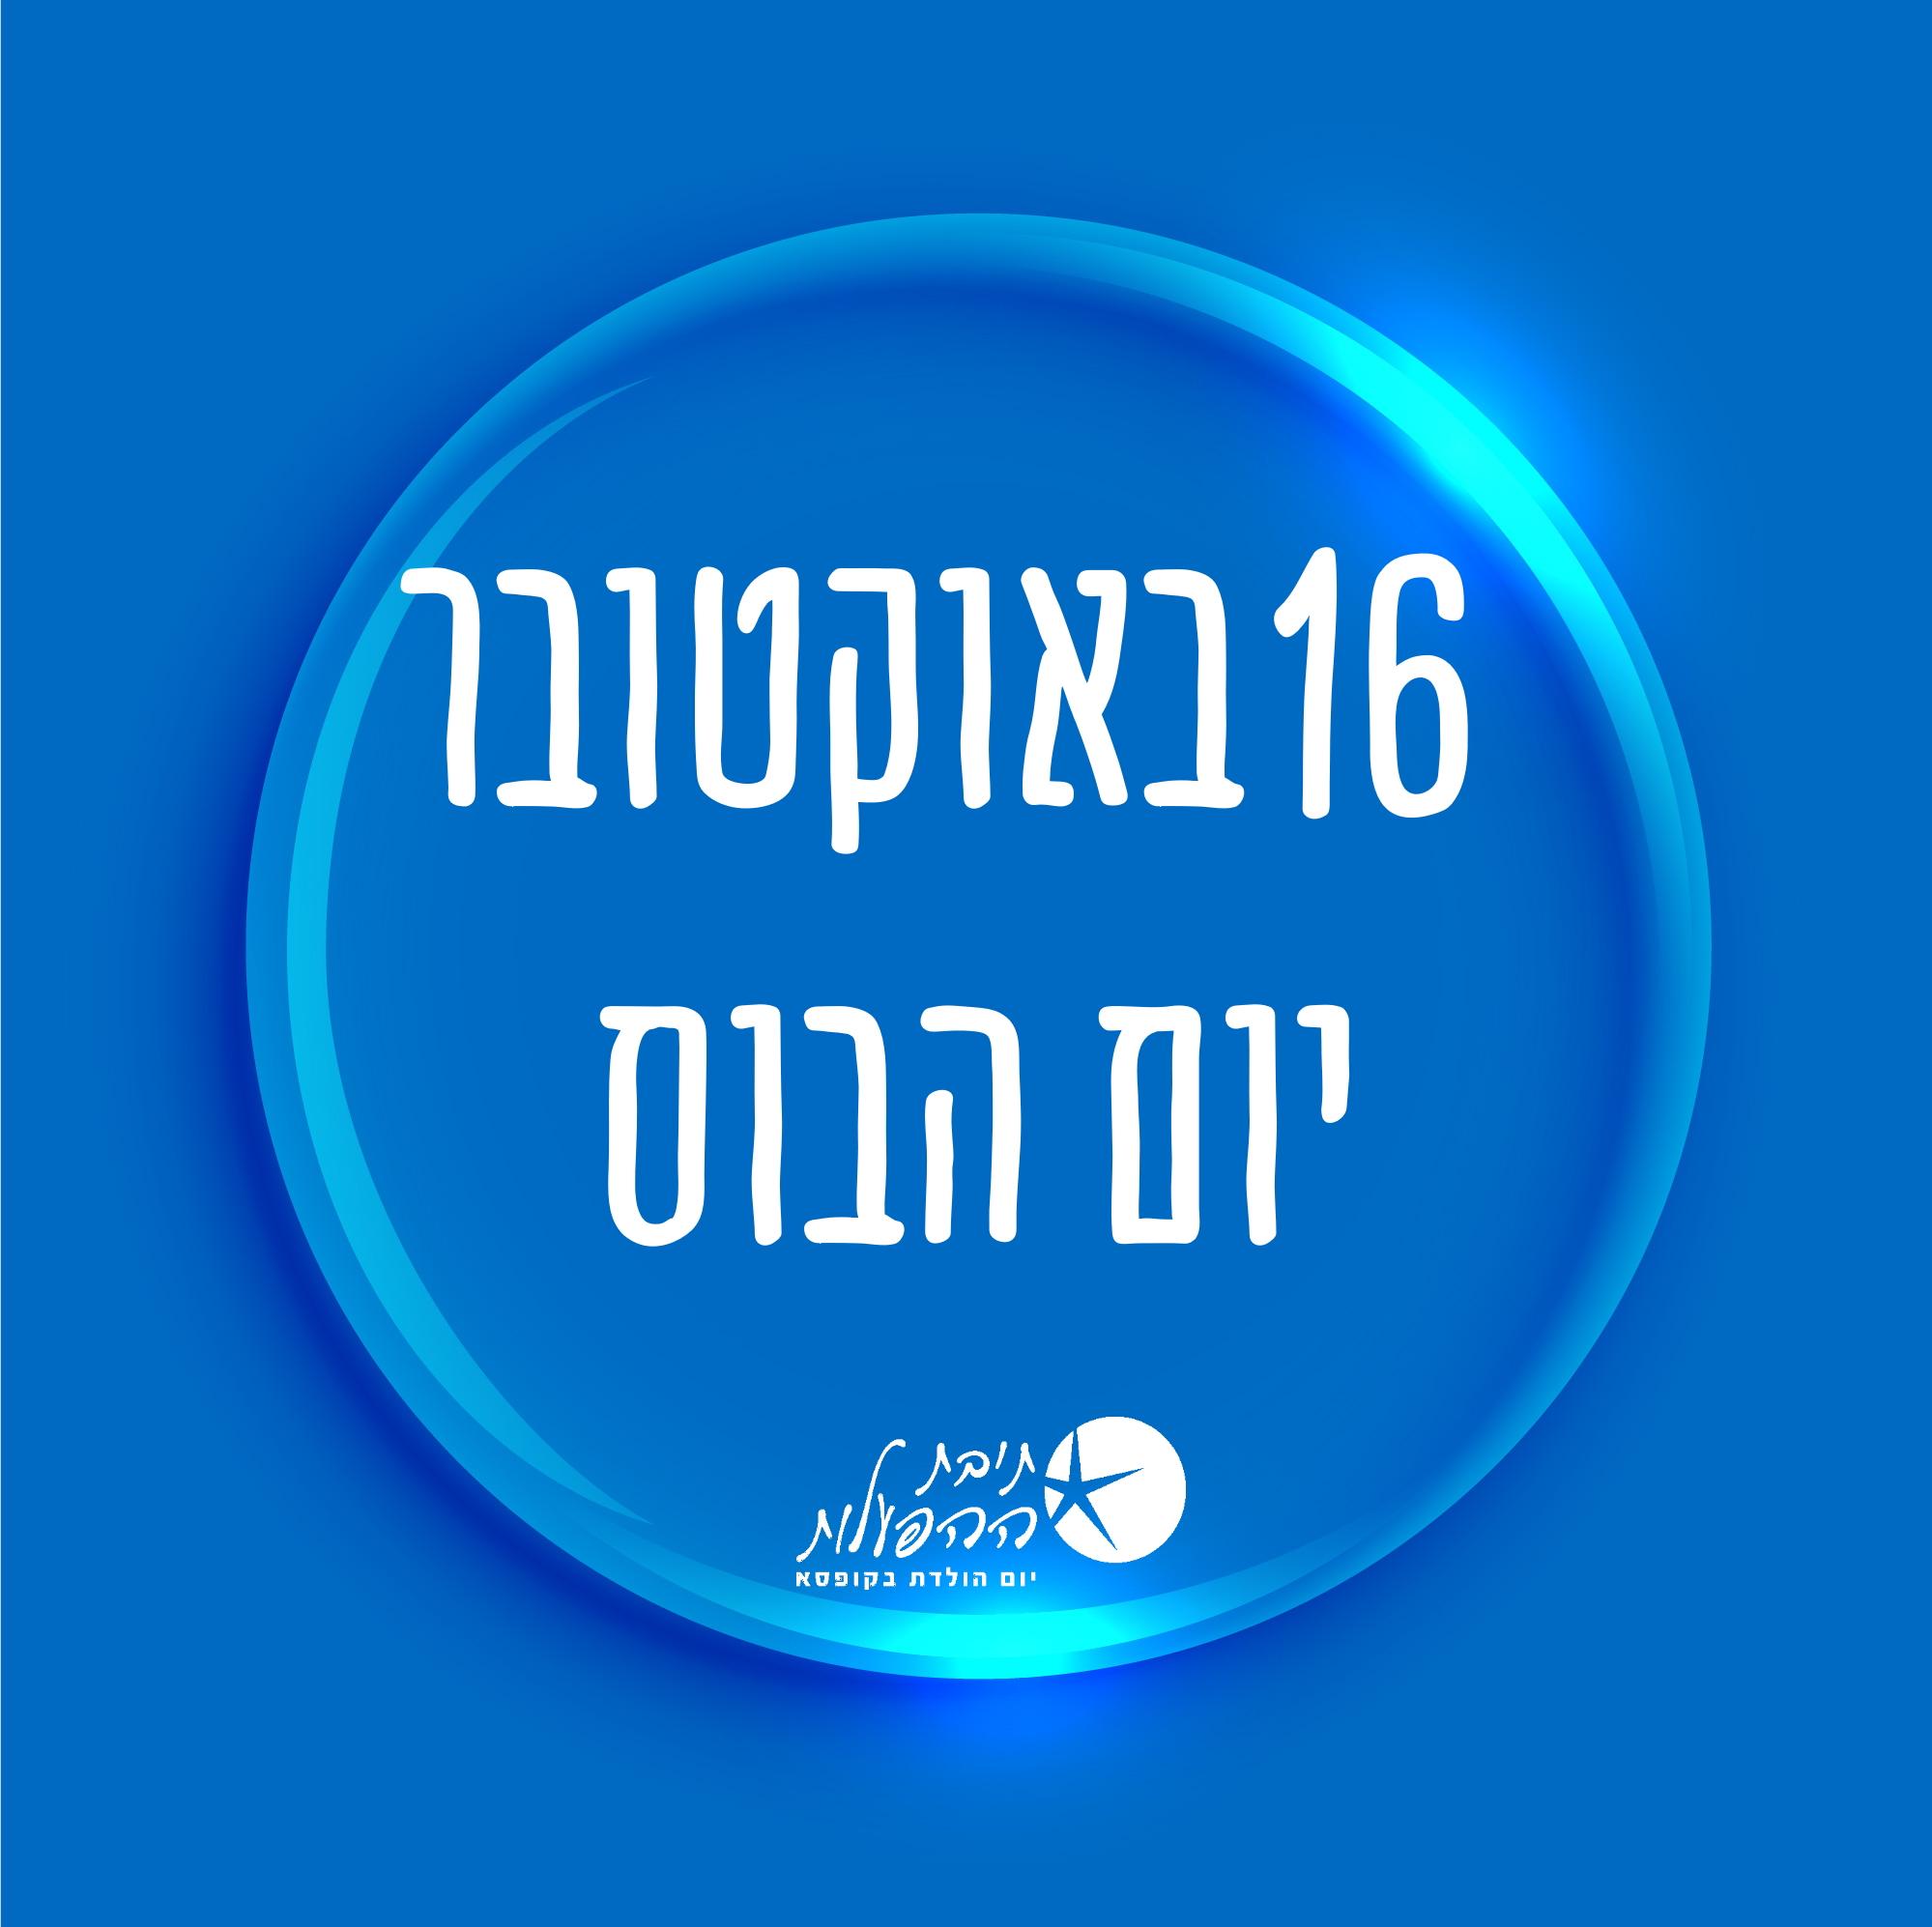 16-10 יום הבוס הבנלאומי